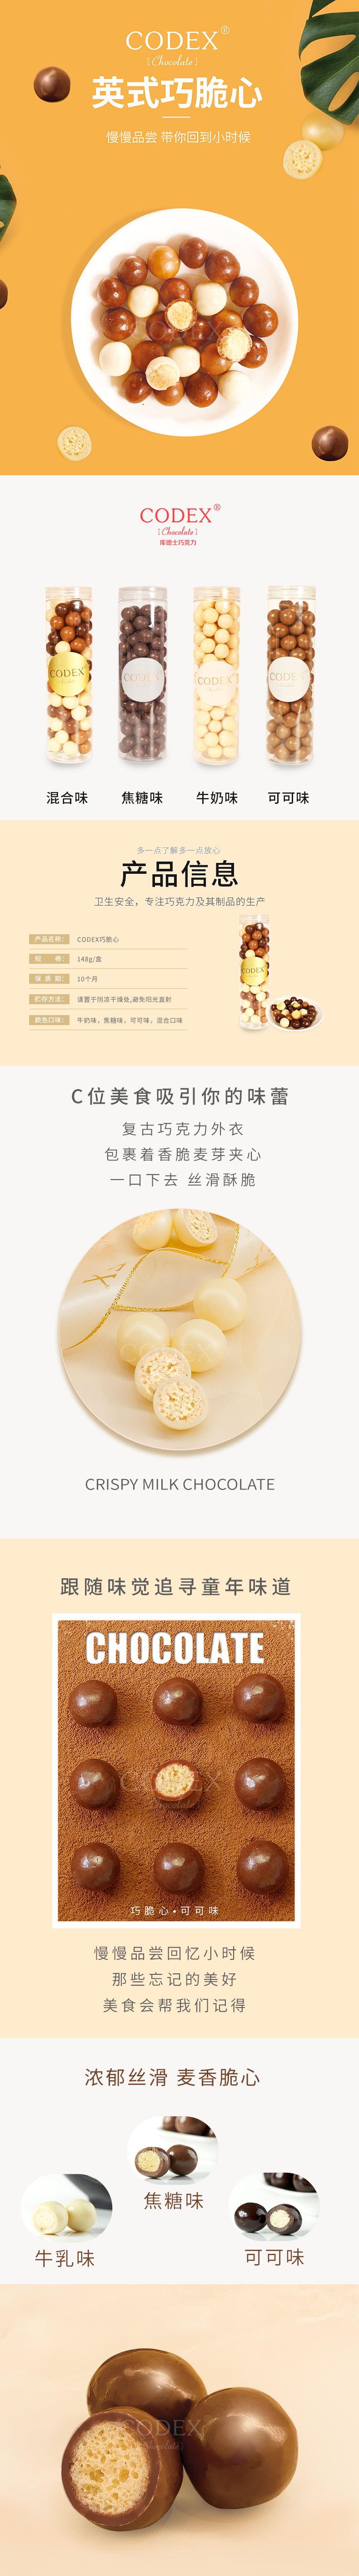 148巧脆心_看图王.jpg